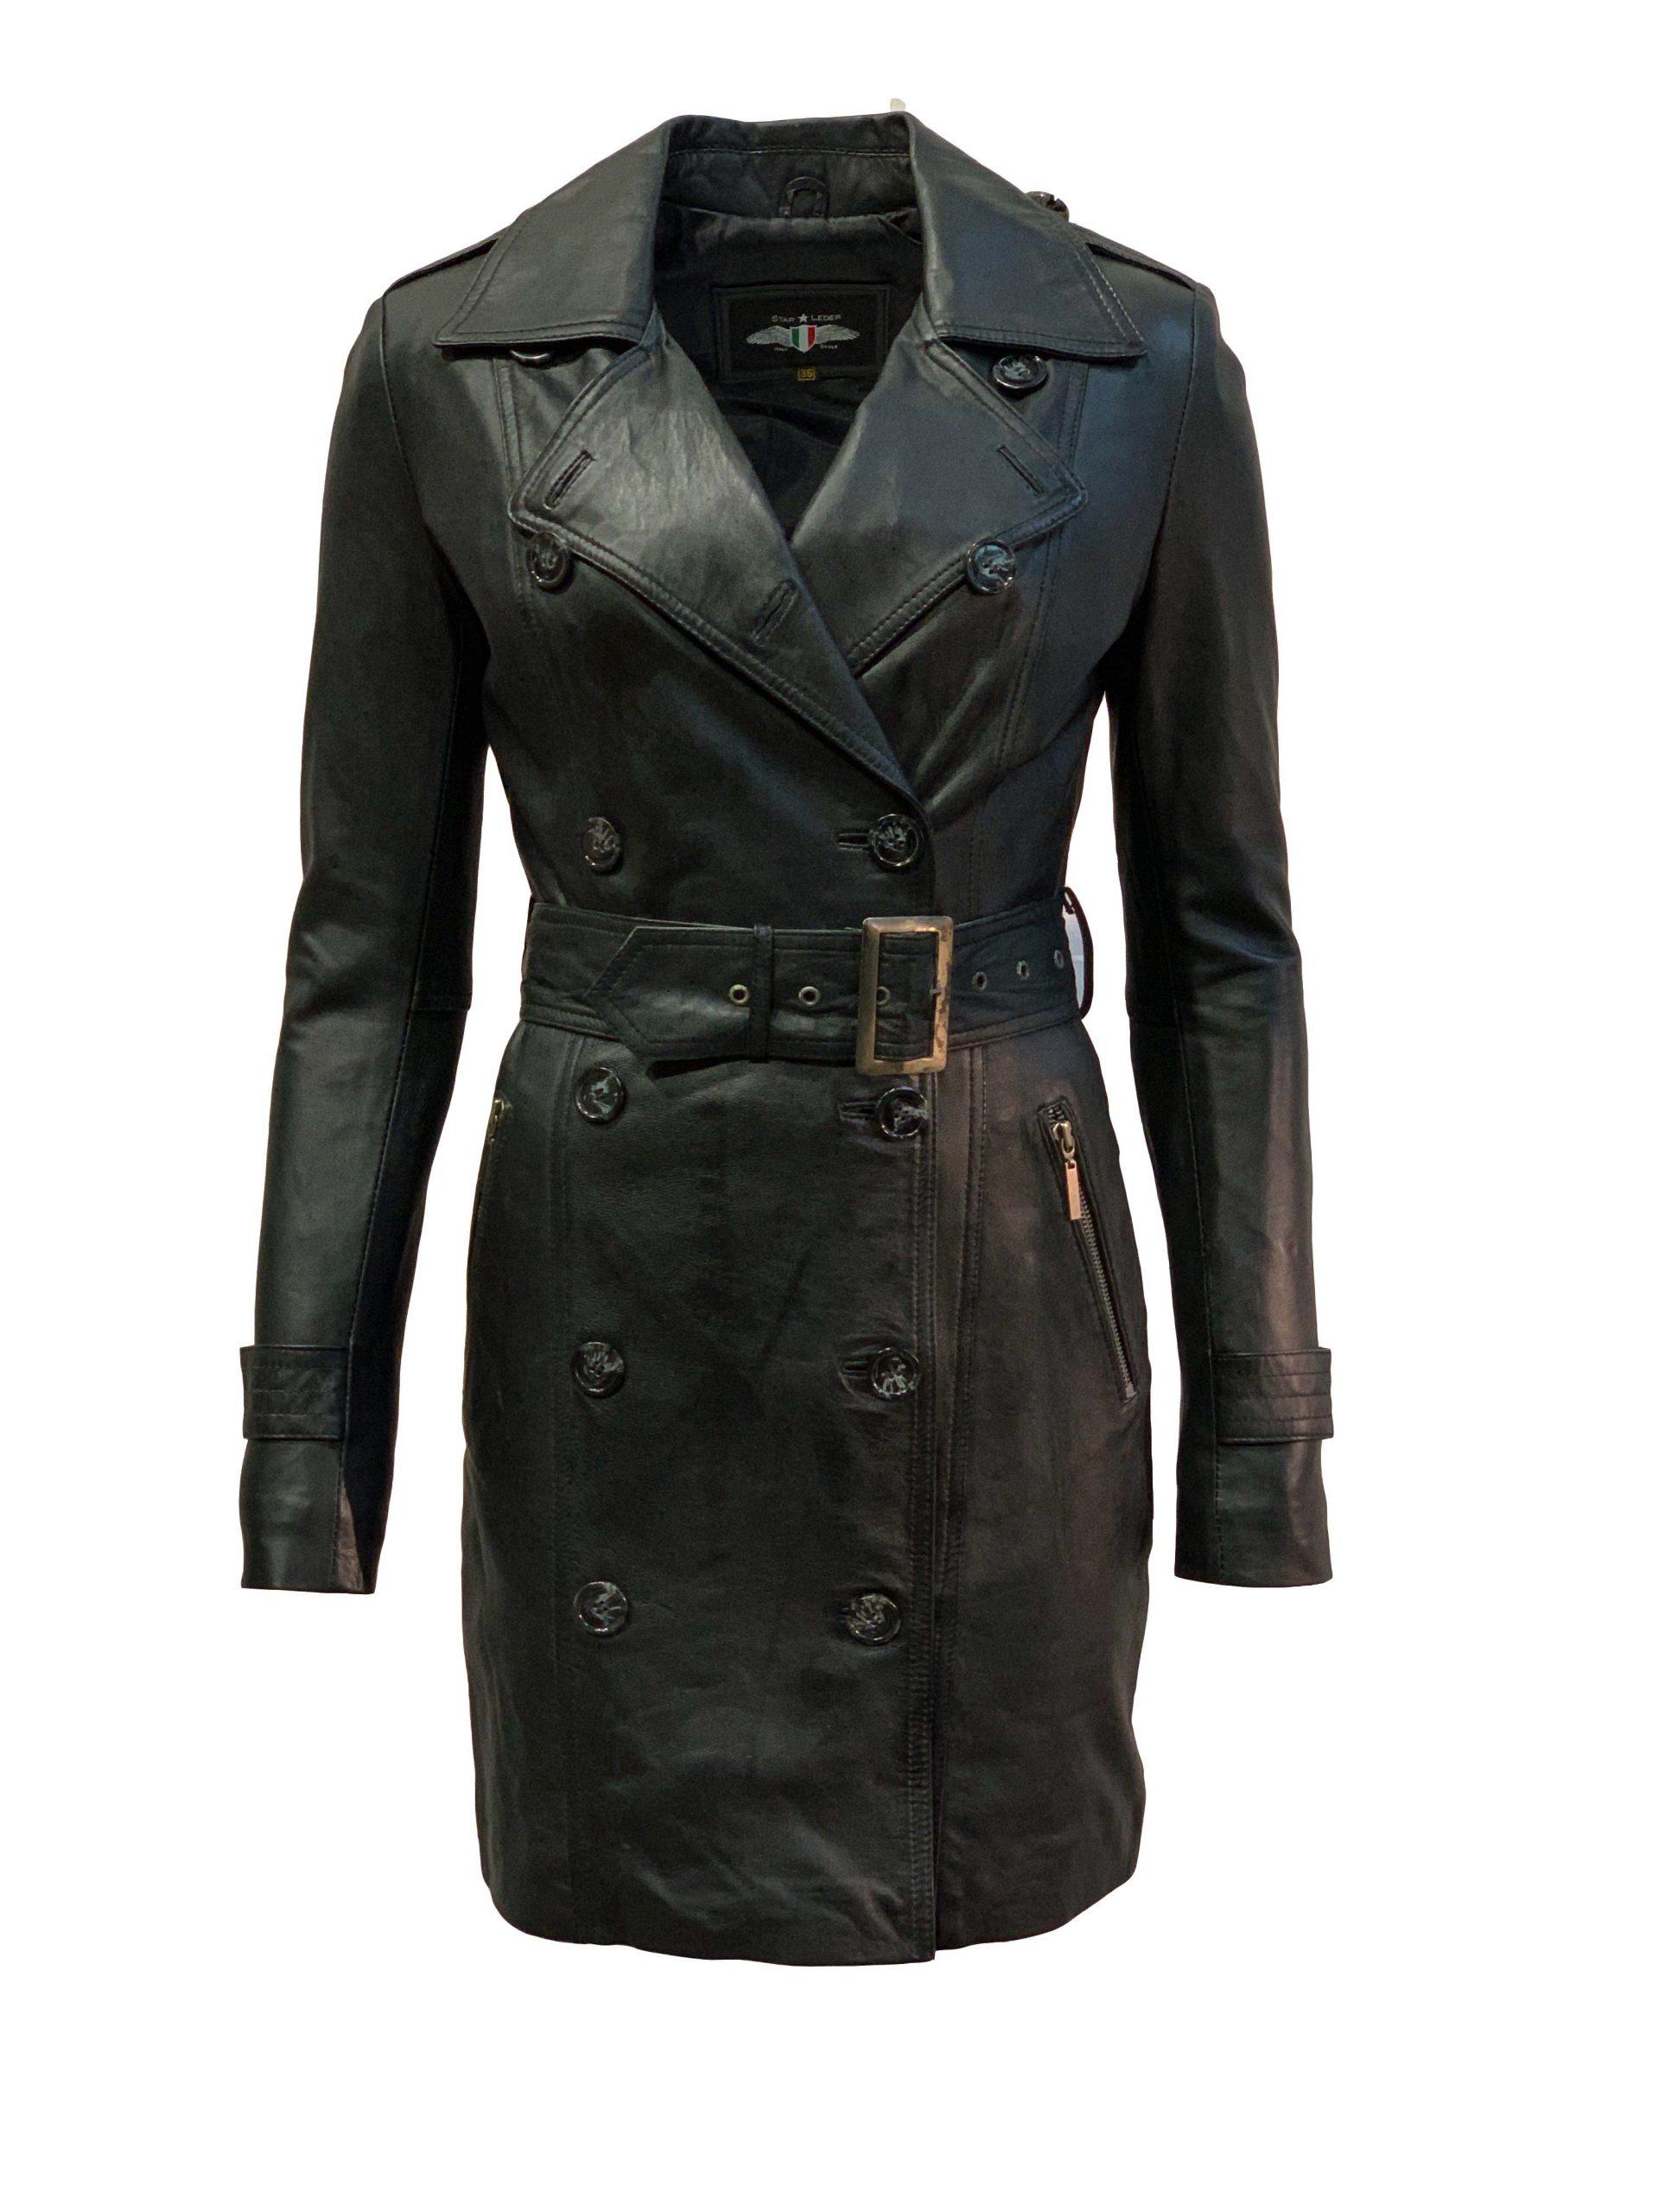 Leren jas dames zwart dubbel rijknopen-Almere